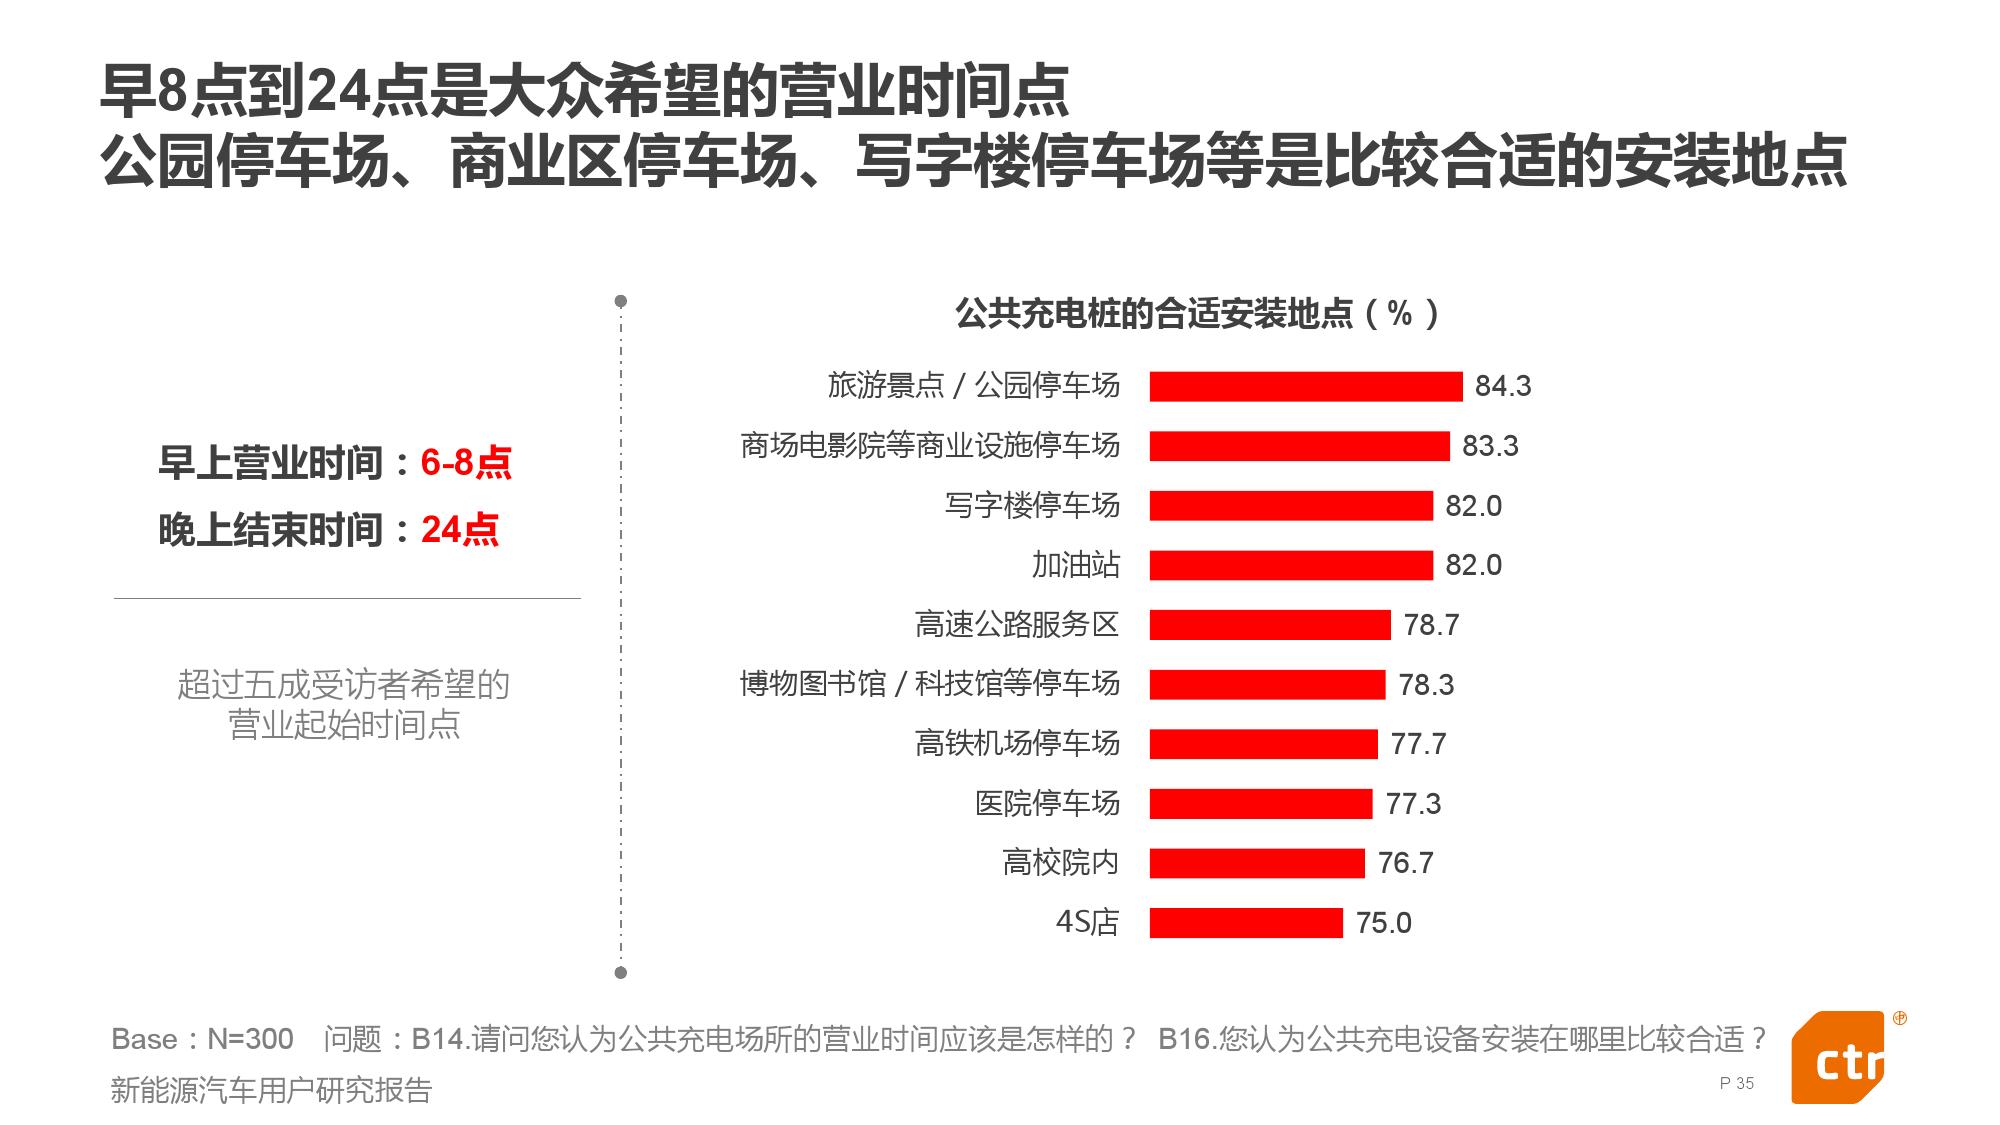 新能源汽车用户研究报告_000035